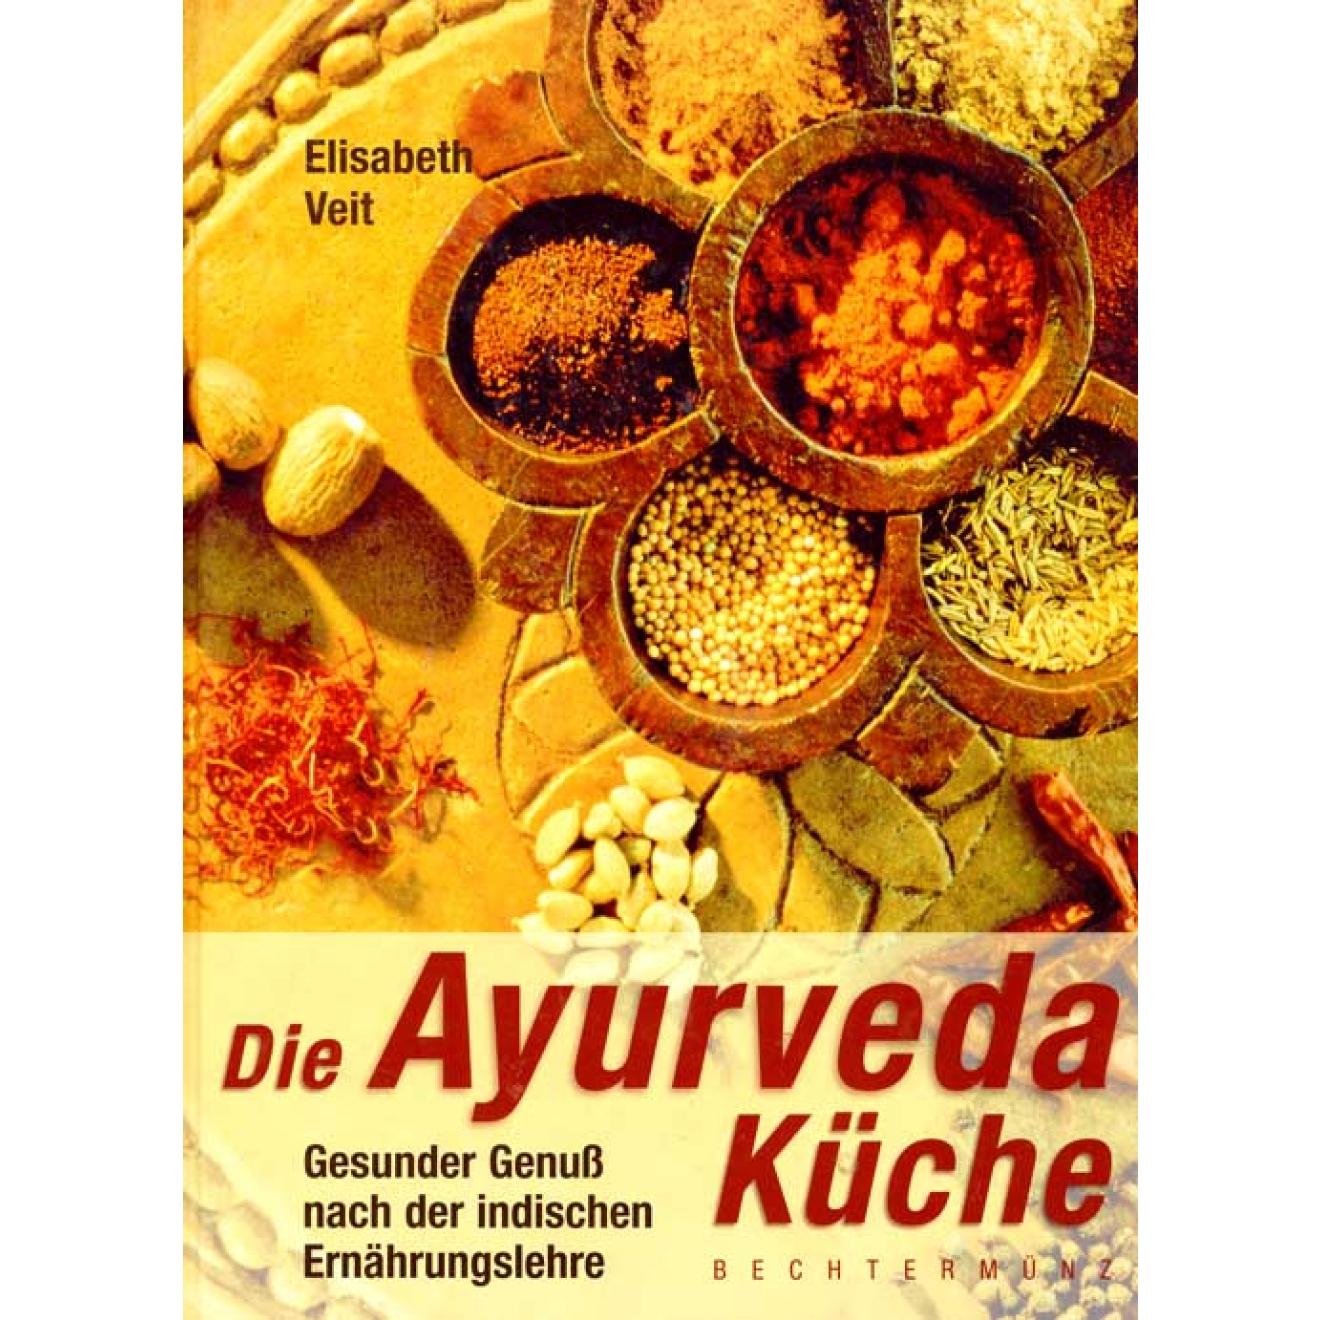 Die Ayurveda Küche Elisabeth Veit German Language